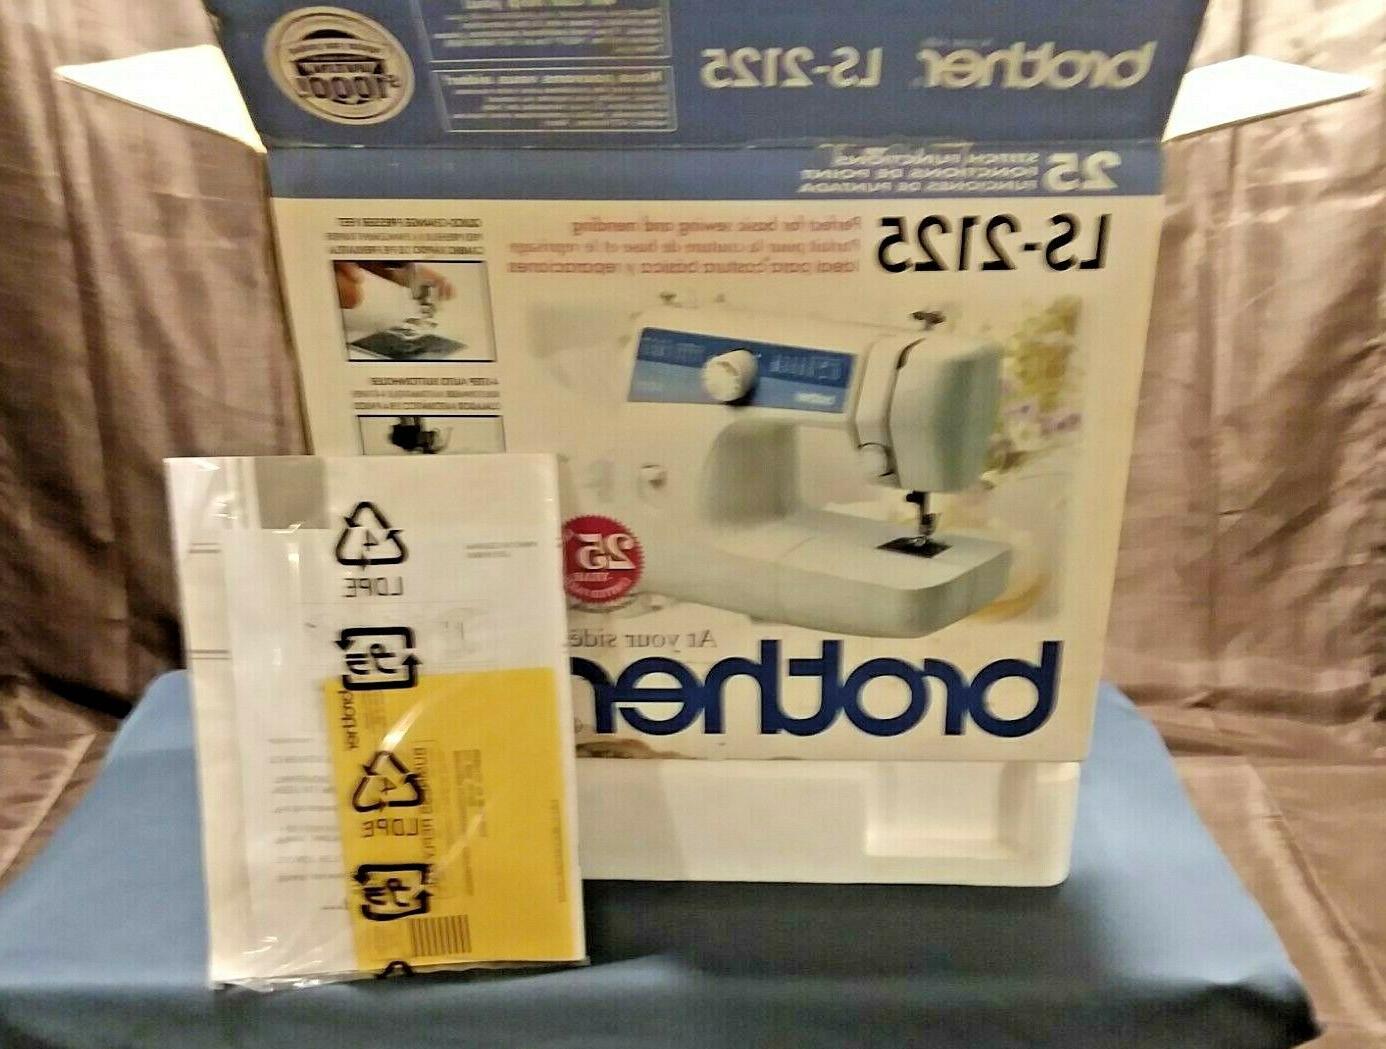 new sewing machine ls 2125i hs 150